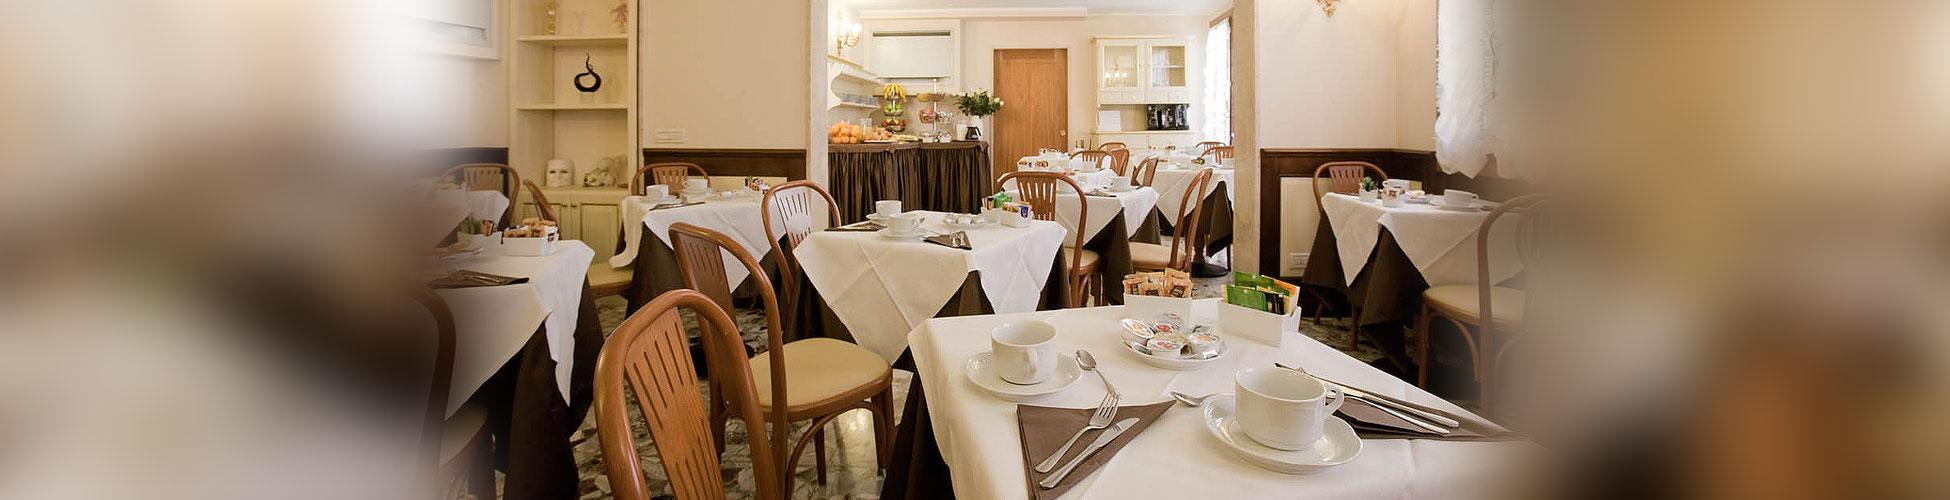 Hotel Mercurio - salle de petit déjeuner